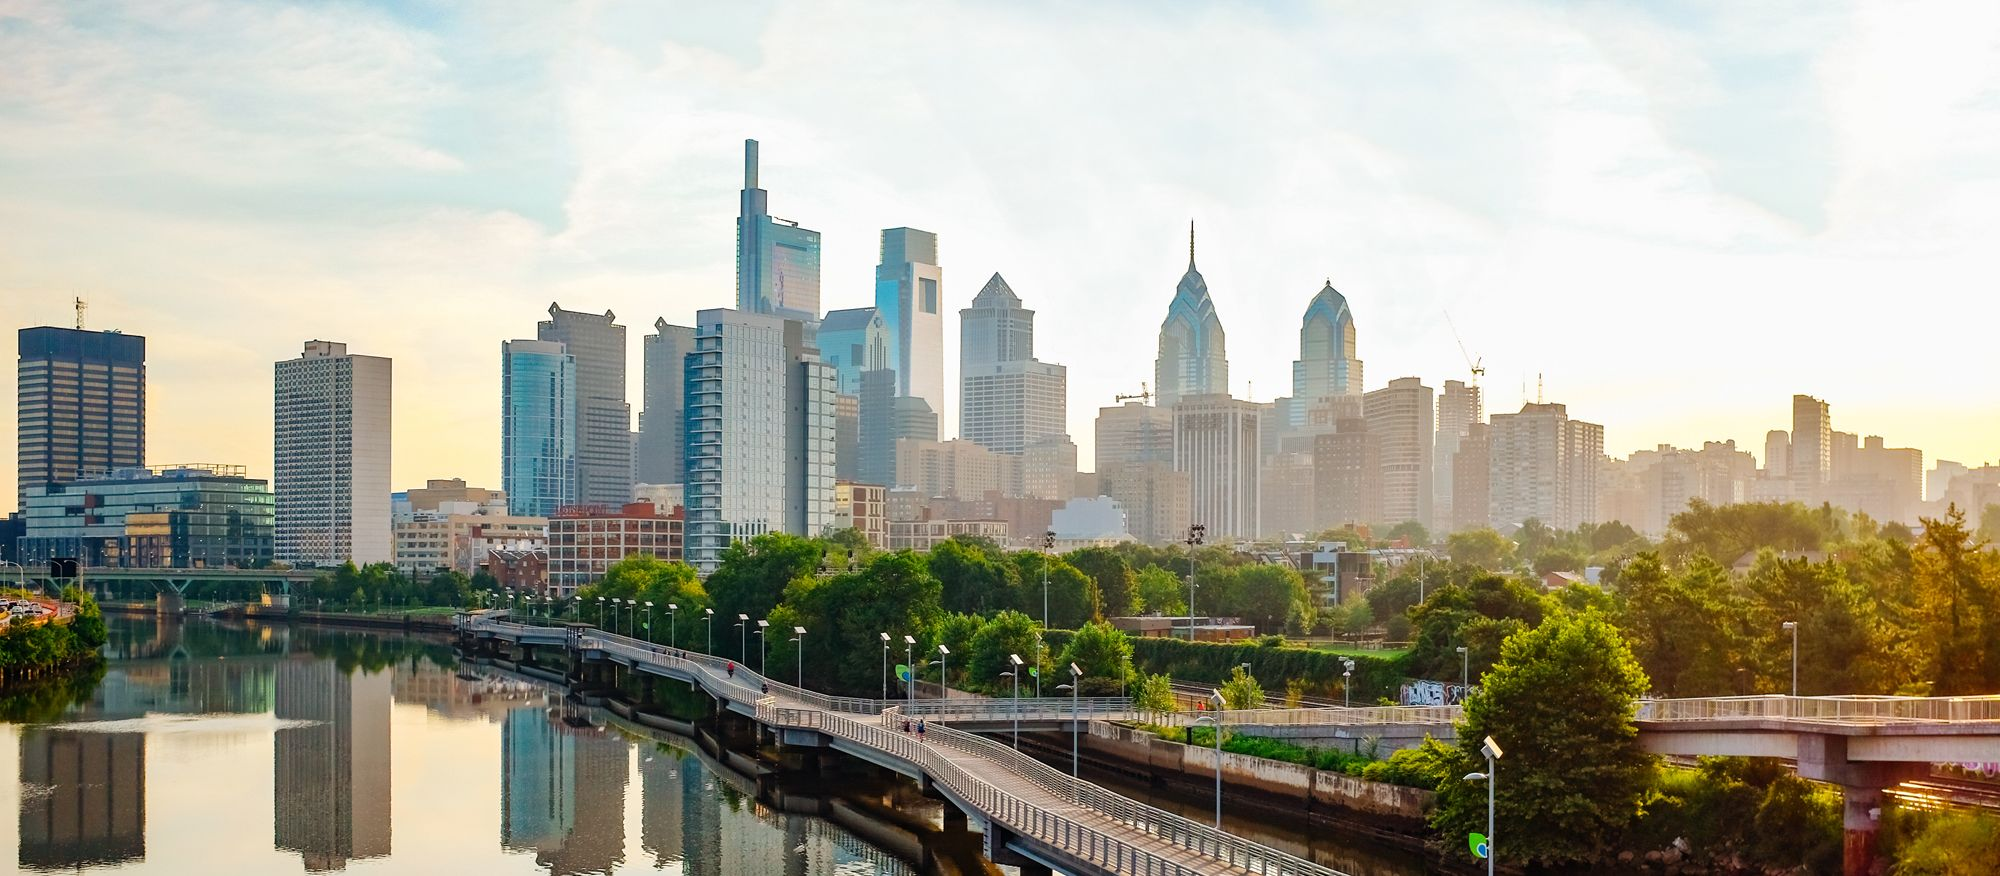 Die Skyline von Philadelphia bei Sonnenaufgang